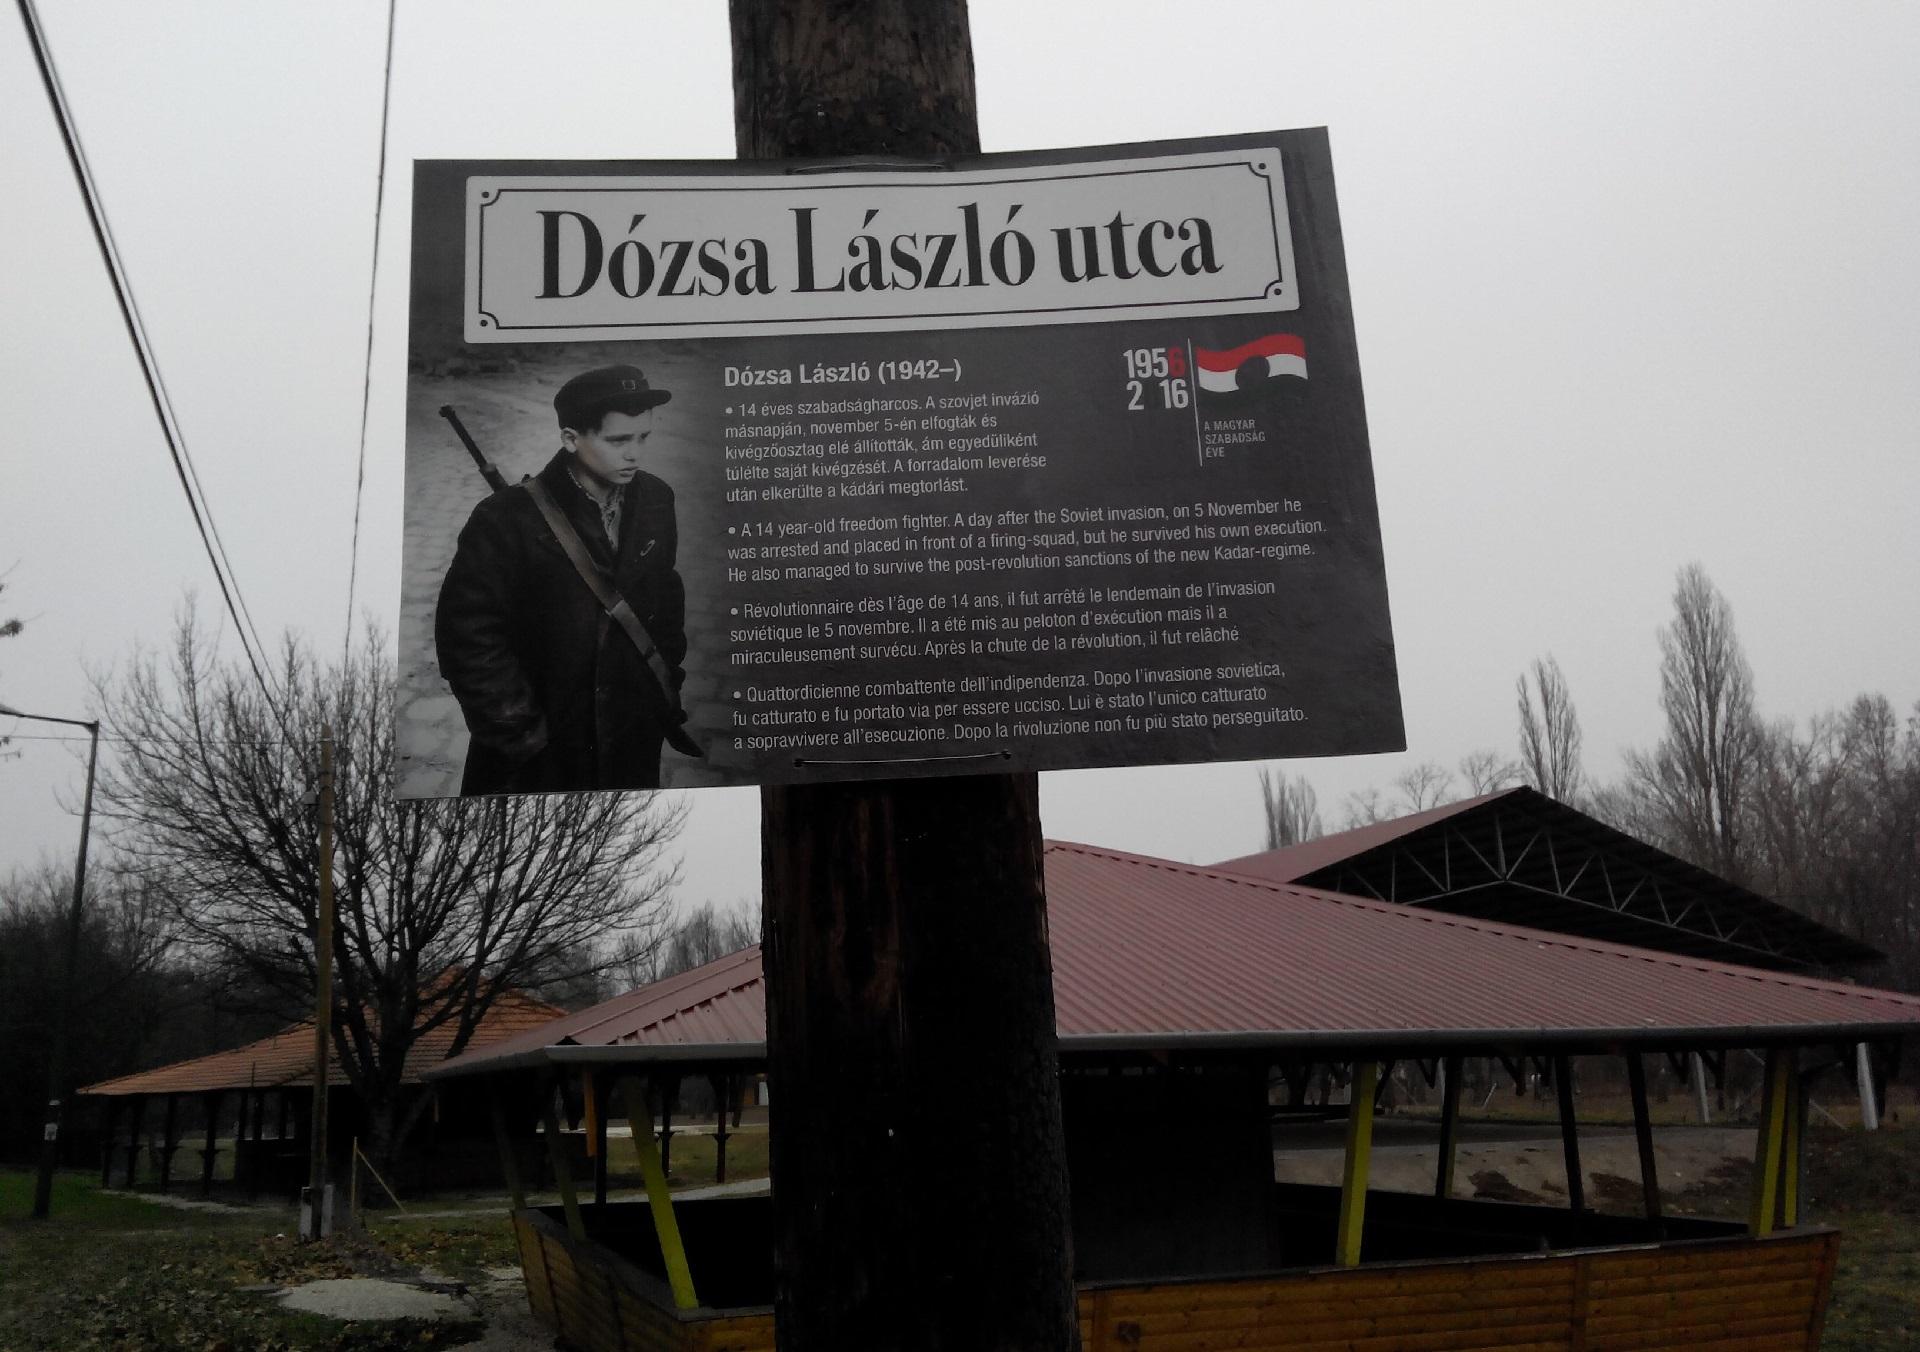 Utcatábla hirdeti Dózsa László 56-os feltámadását a Hajógyári-szigeten